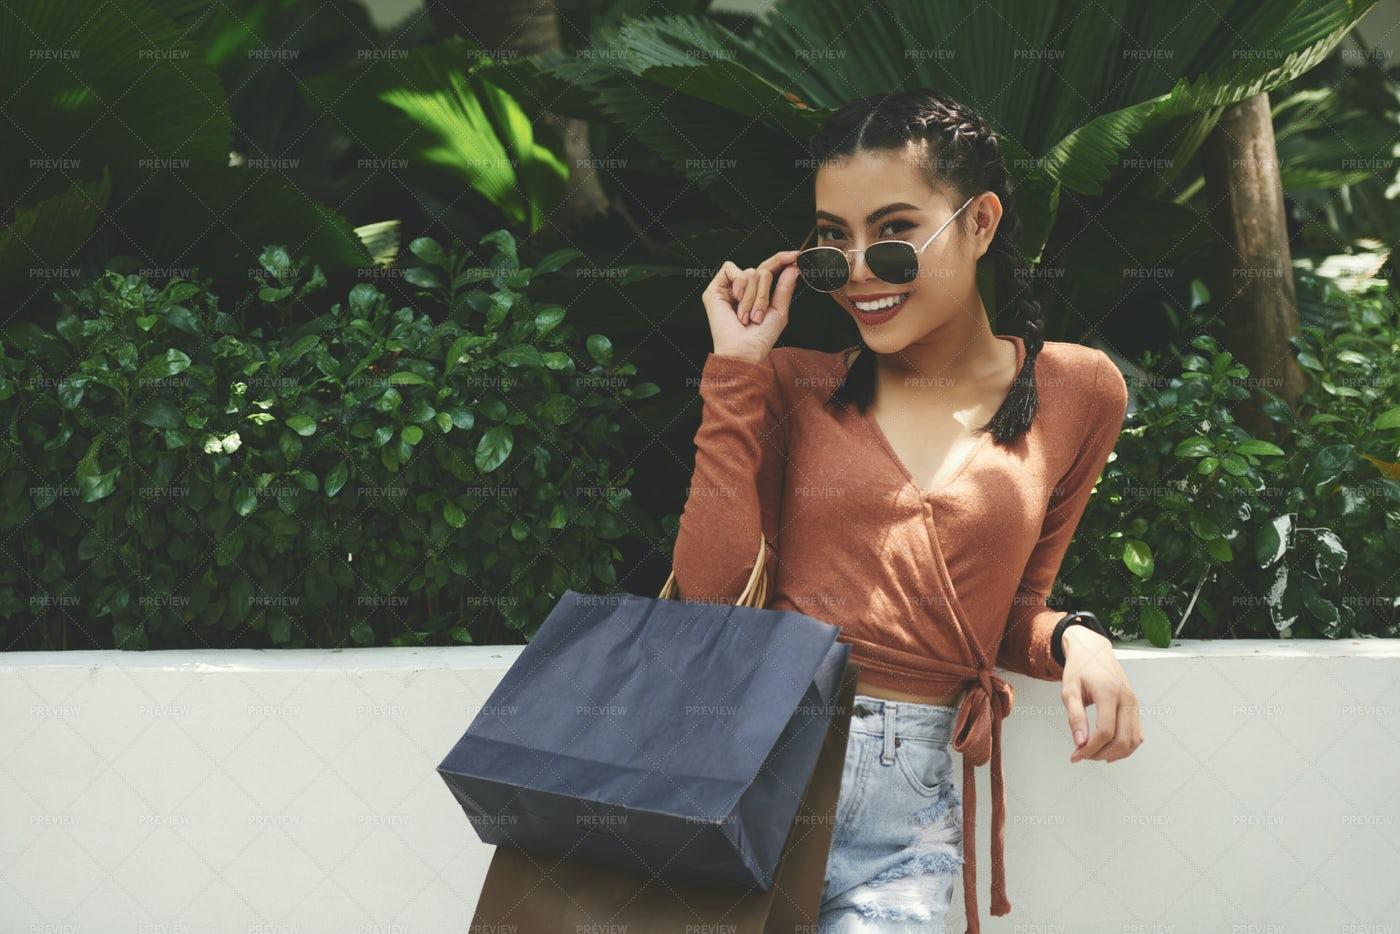 Beautiful Woman Standing Outdoors: Stock Photos